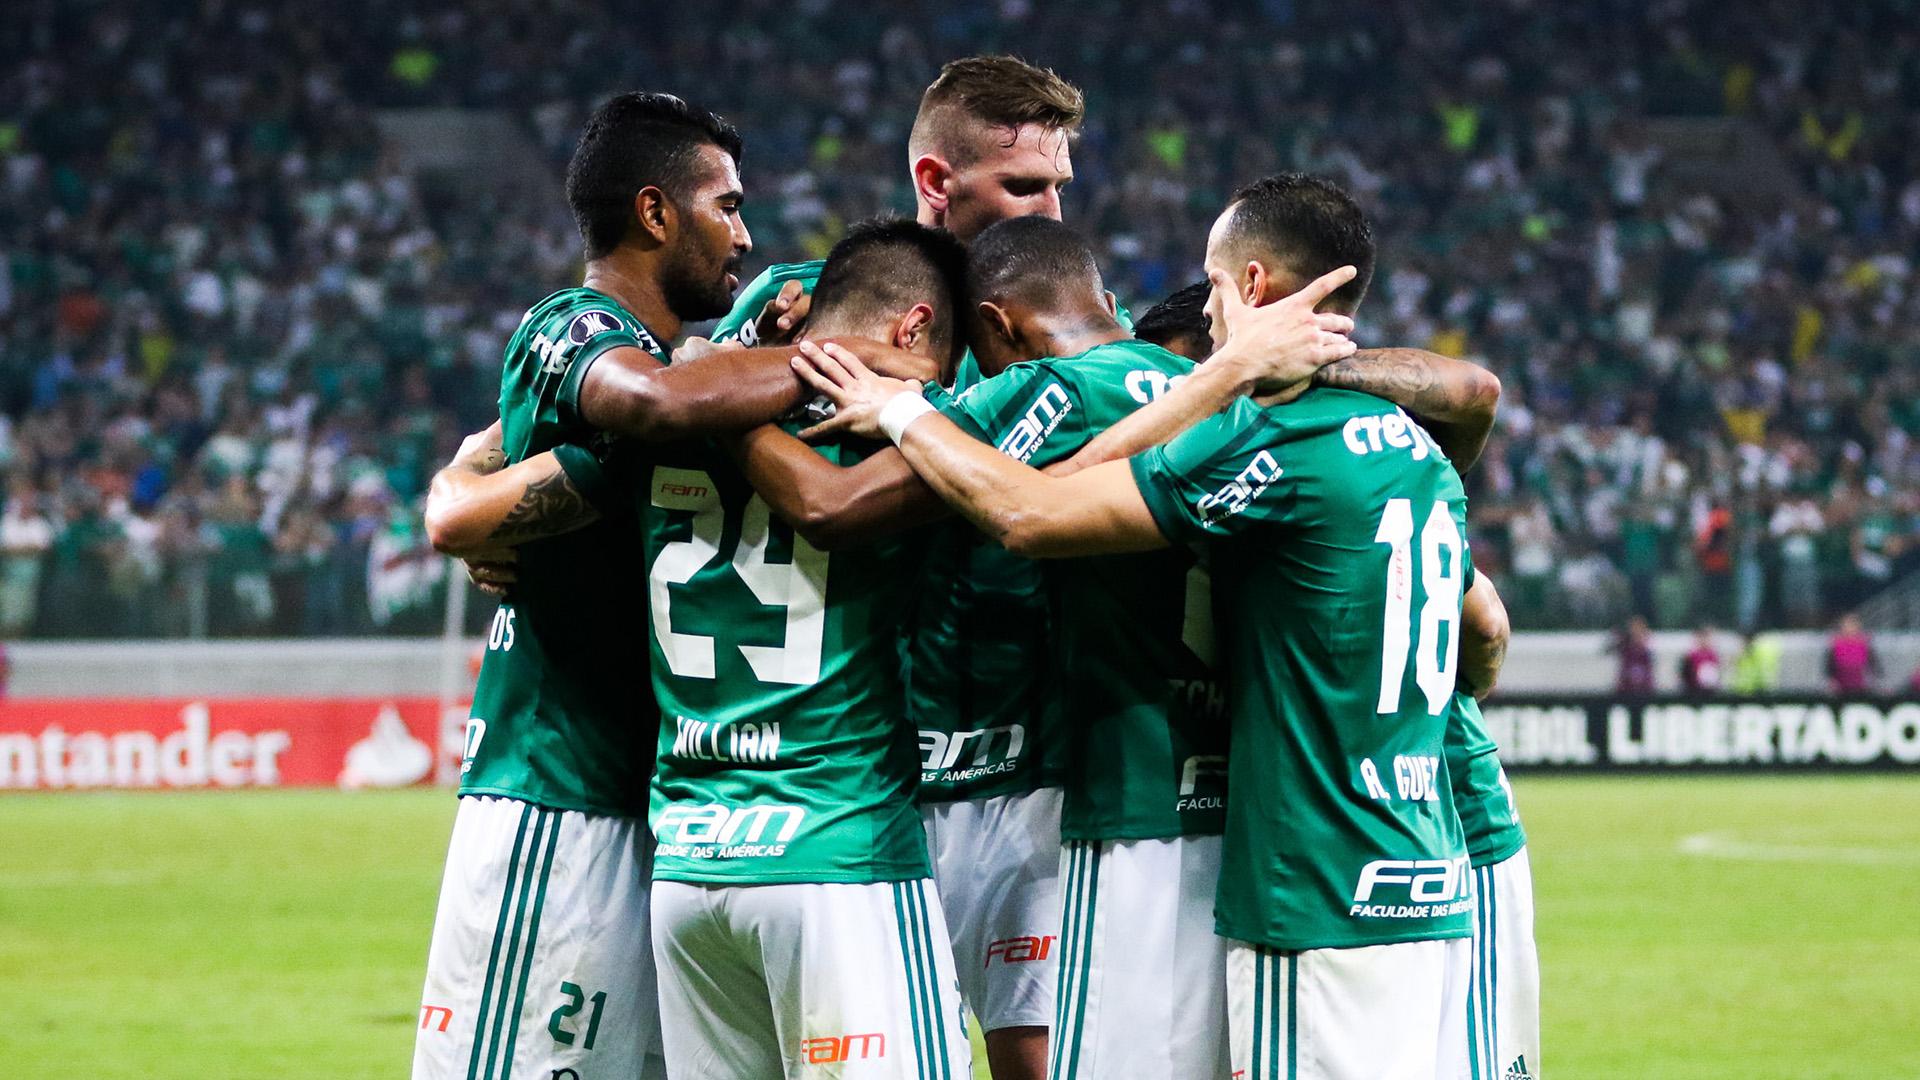 Cuca minimiza má fase do Palmeiras: 'Se ganhar três jogos, aflora tudo'